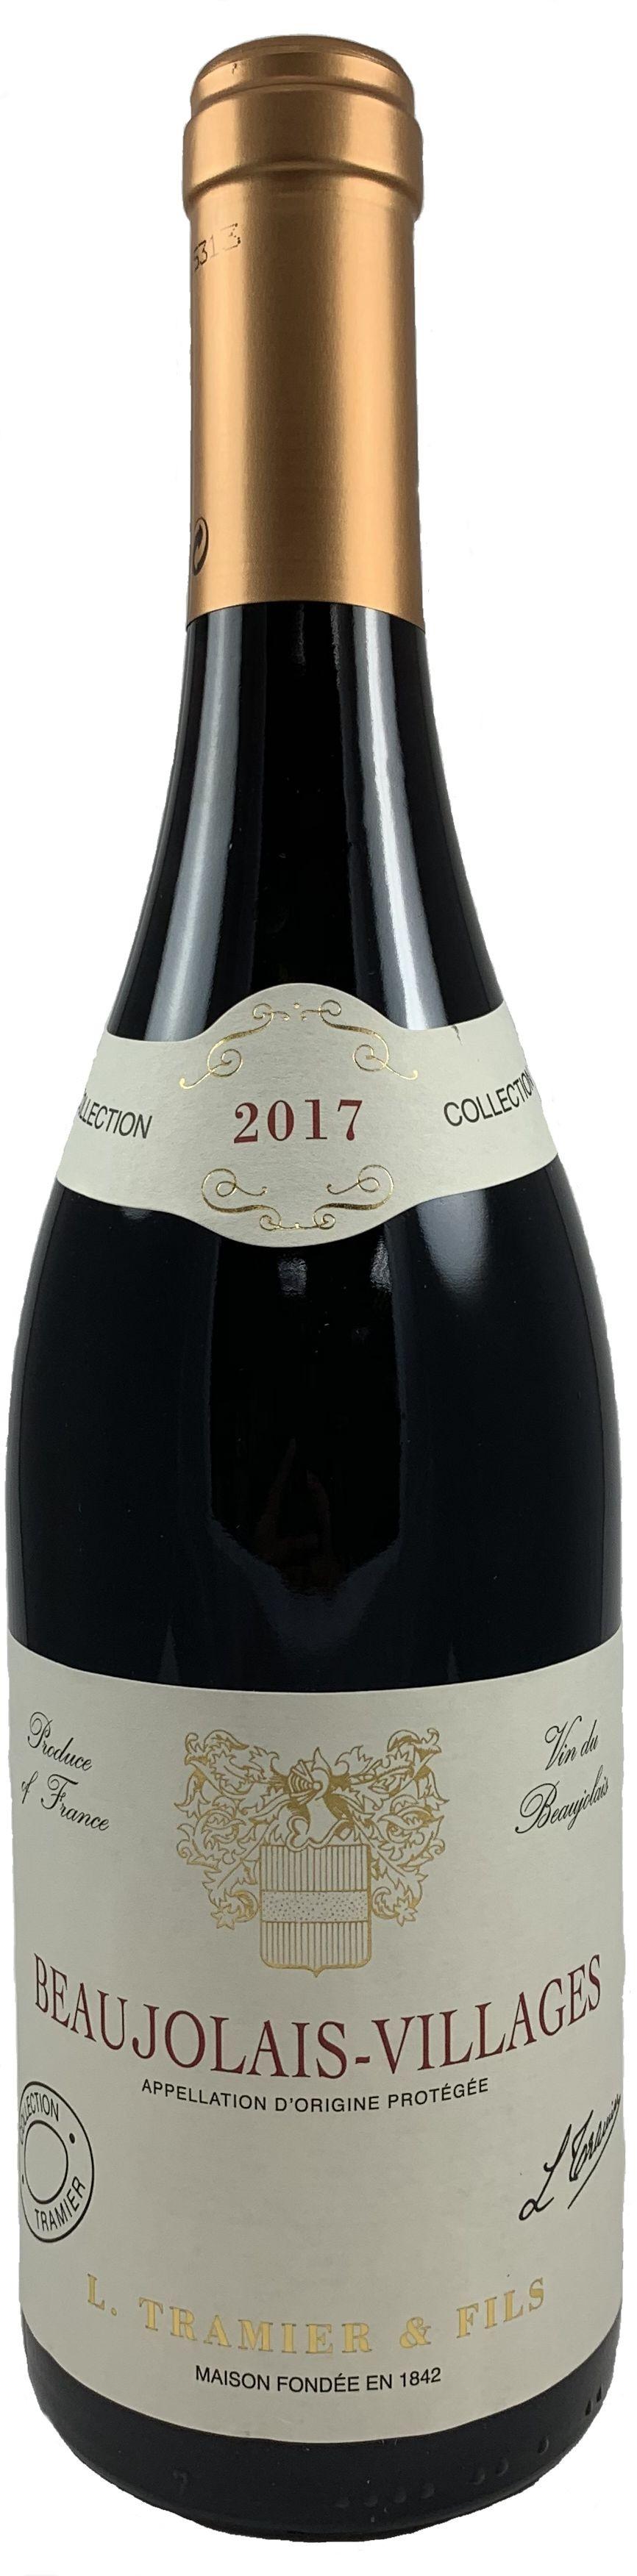 法國 鉈尼酒莊 薄酒萊村莊級 2017 紅葡萄酒